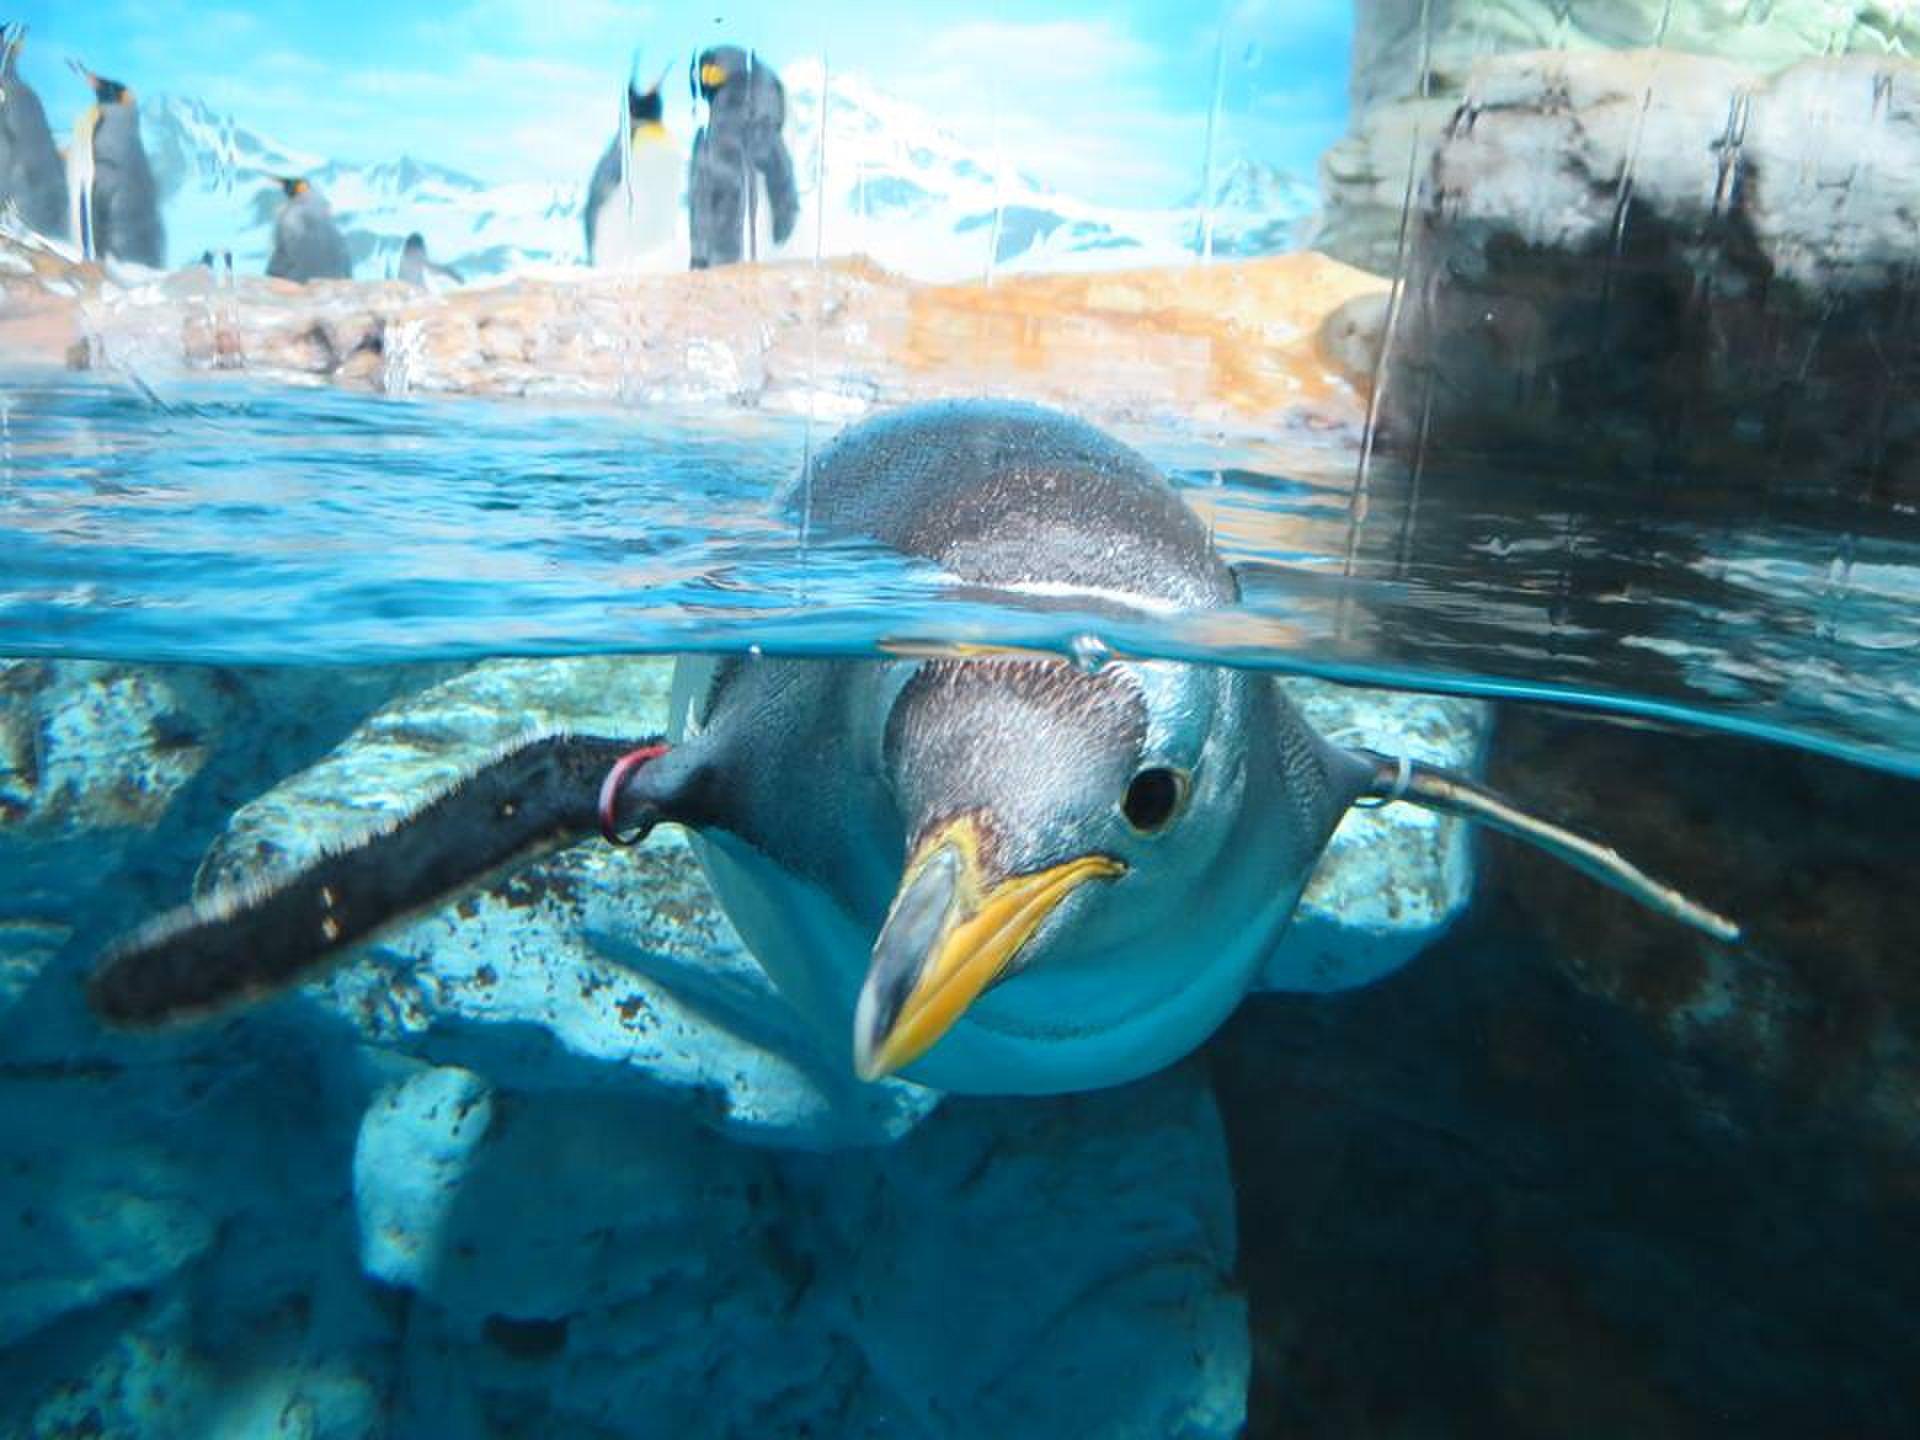 千葉・鴨川シーワールド!夏は水族館の動物に癒されよう♪3cmの距離でペンギンやイルカと会える♡